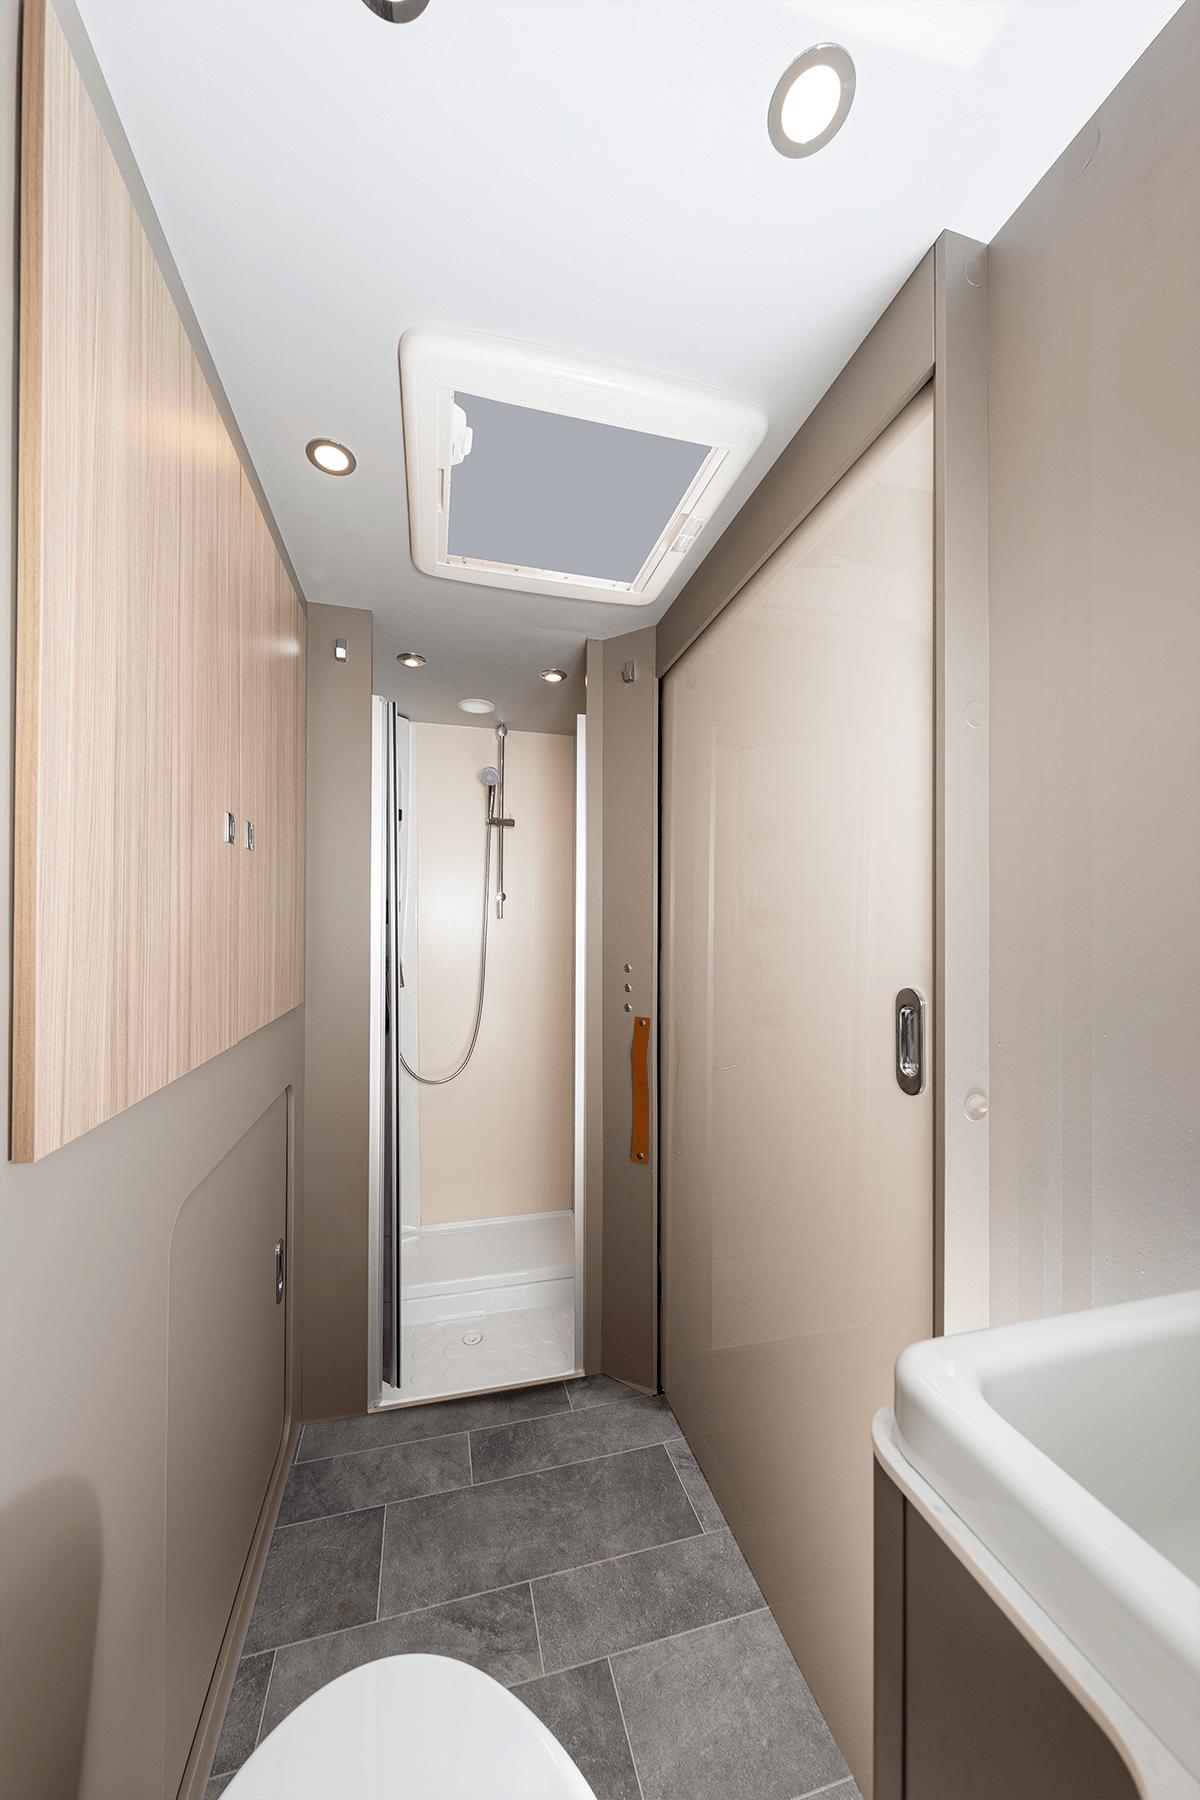 Das große helle Bad im ACT 640 ermögtlicht eine Trennung zwischen Dusche und WC.